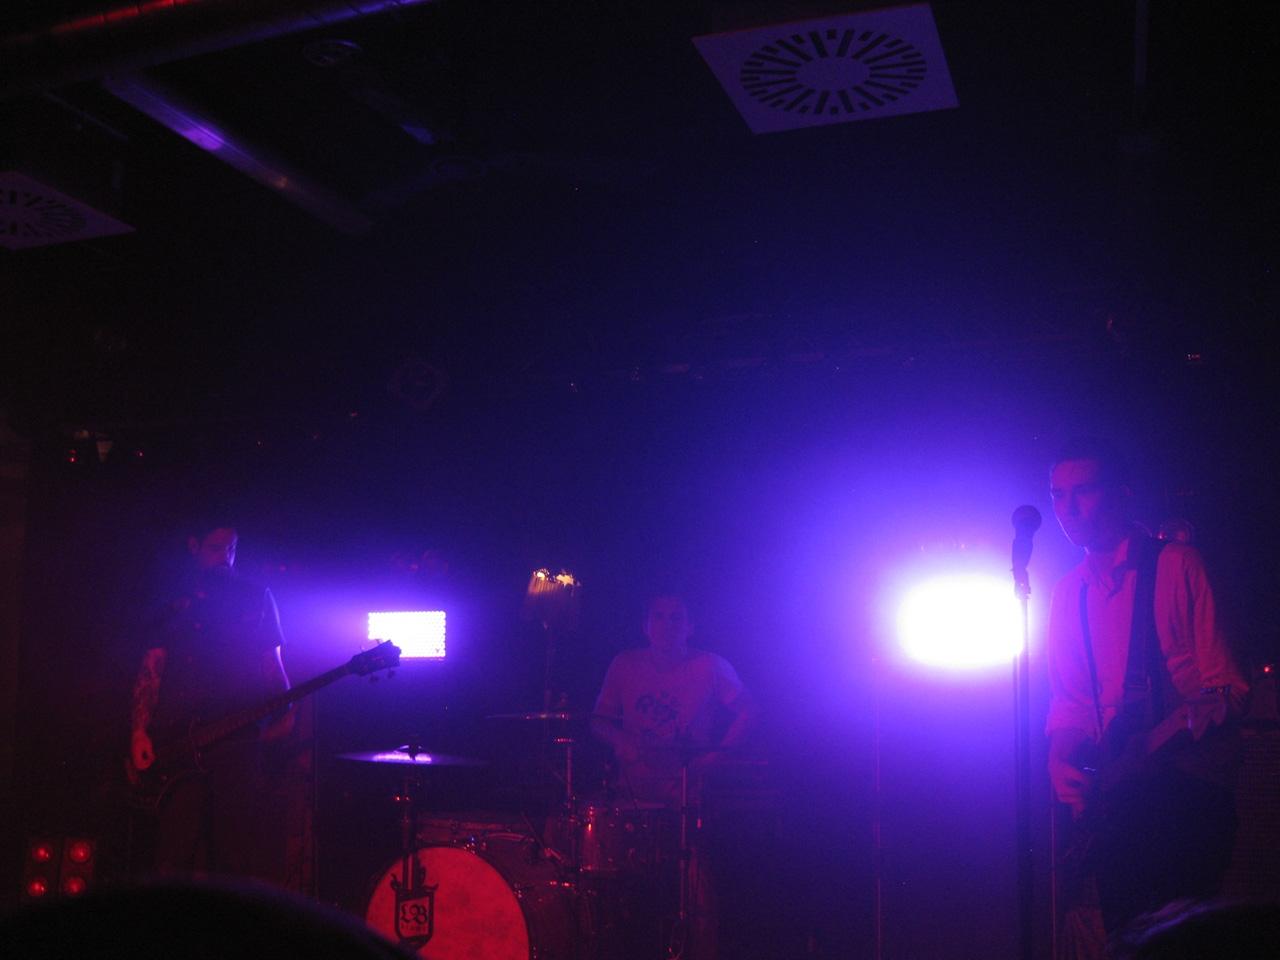 Lichteffekte3